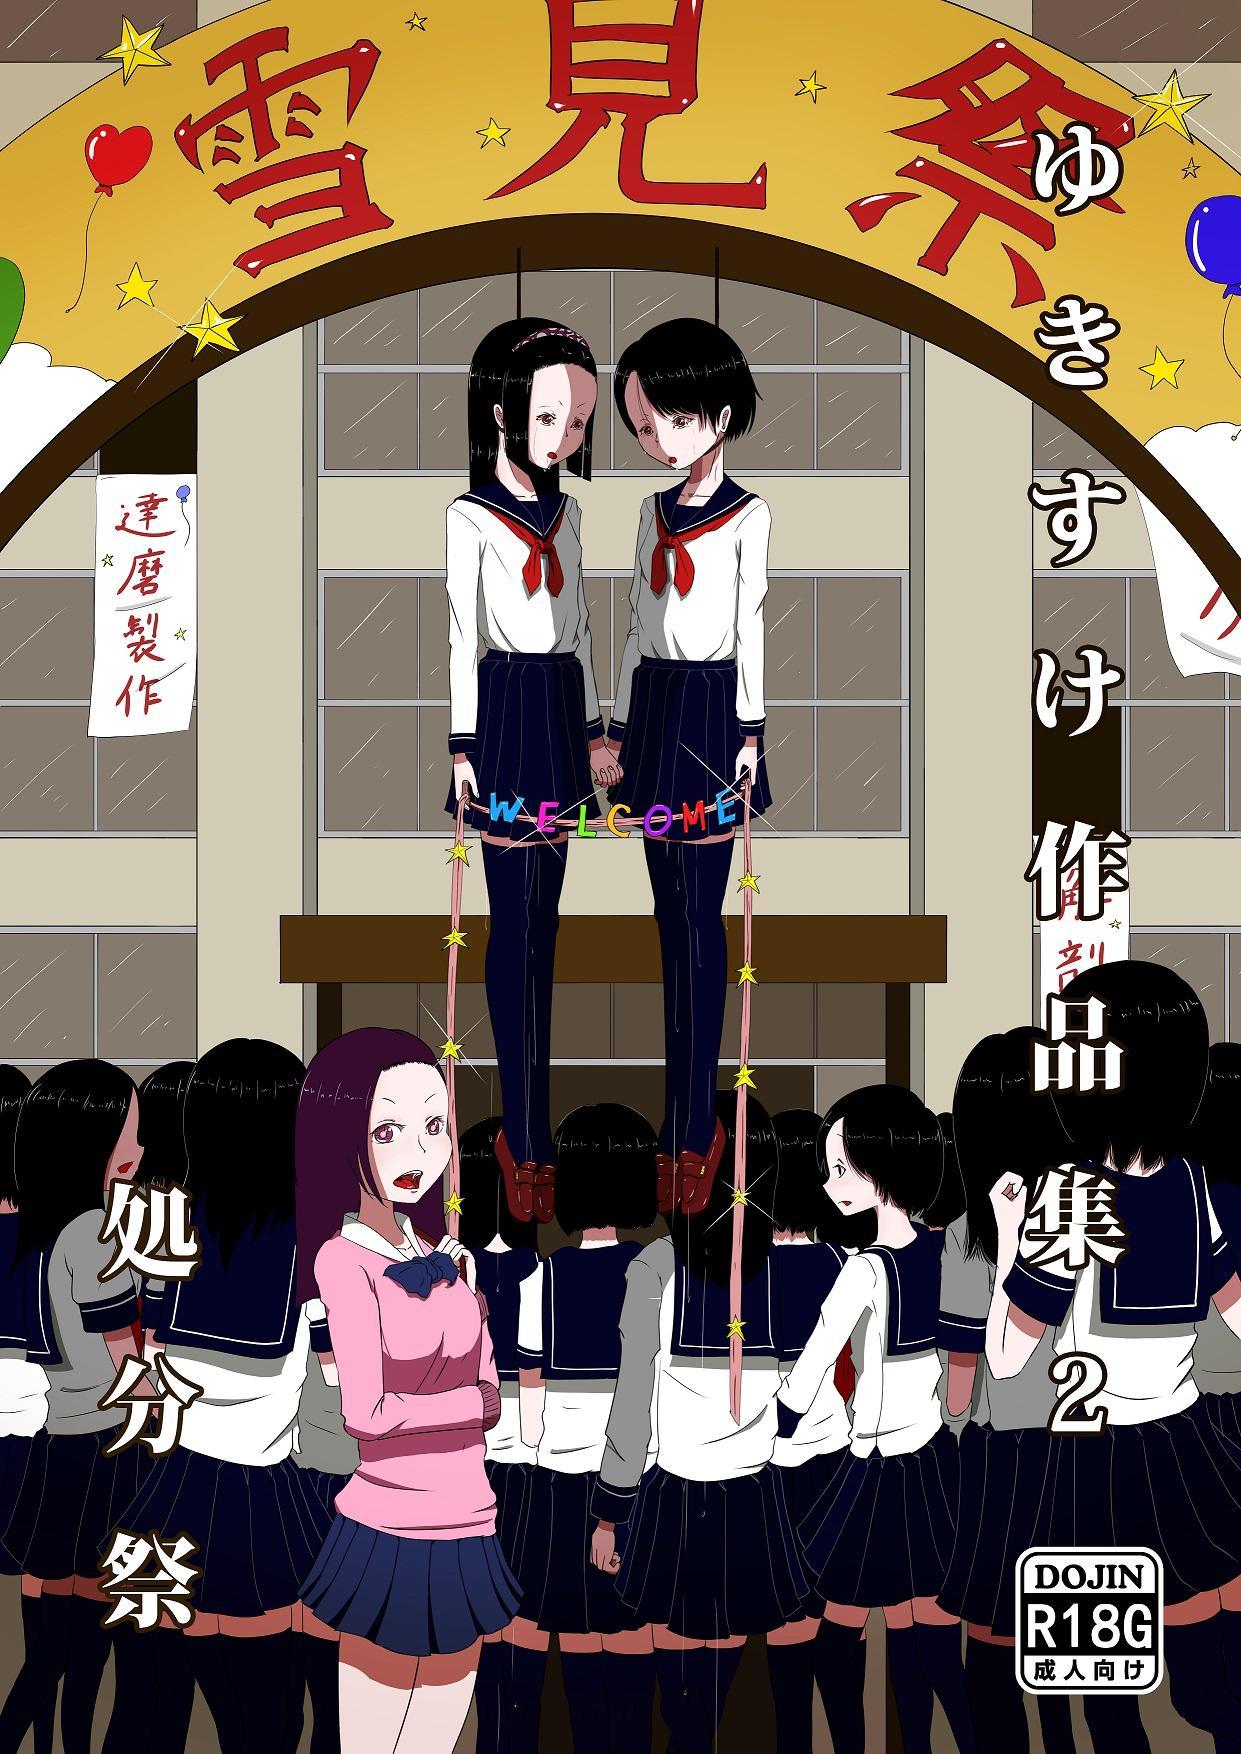 Yukisuke Sakuhinshuu 2 Shobunsai 0